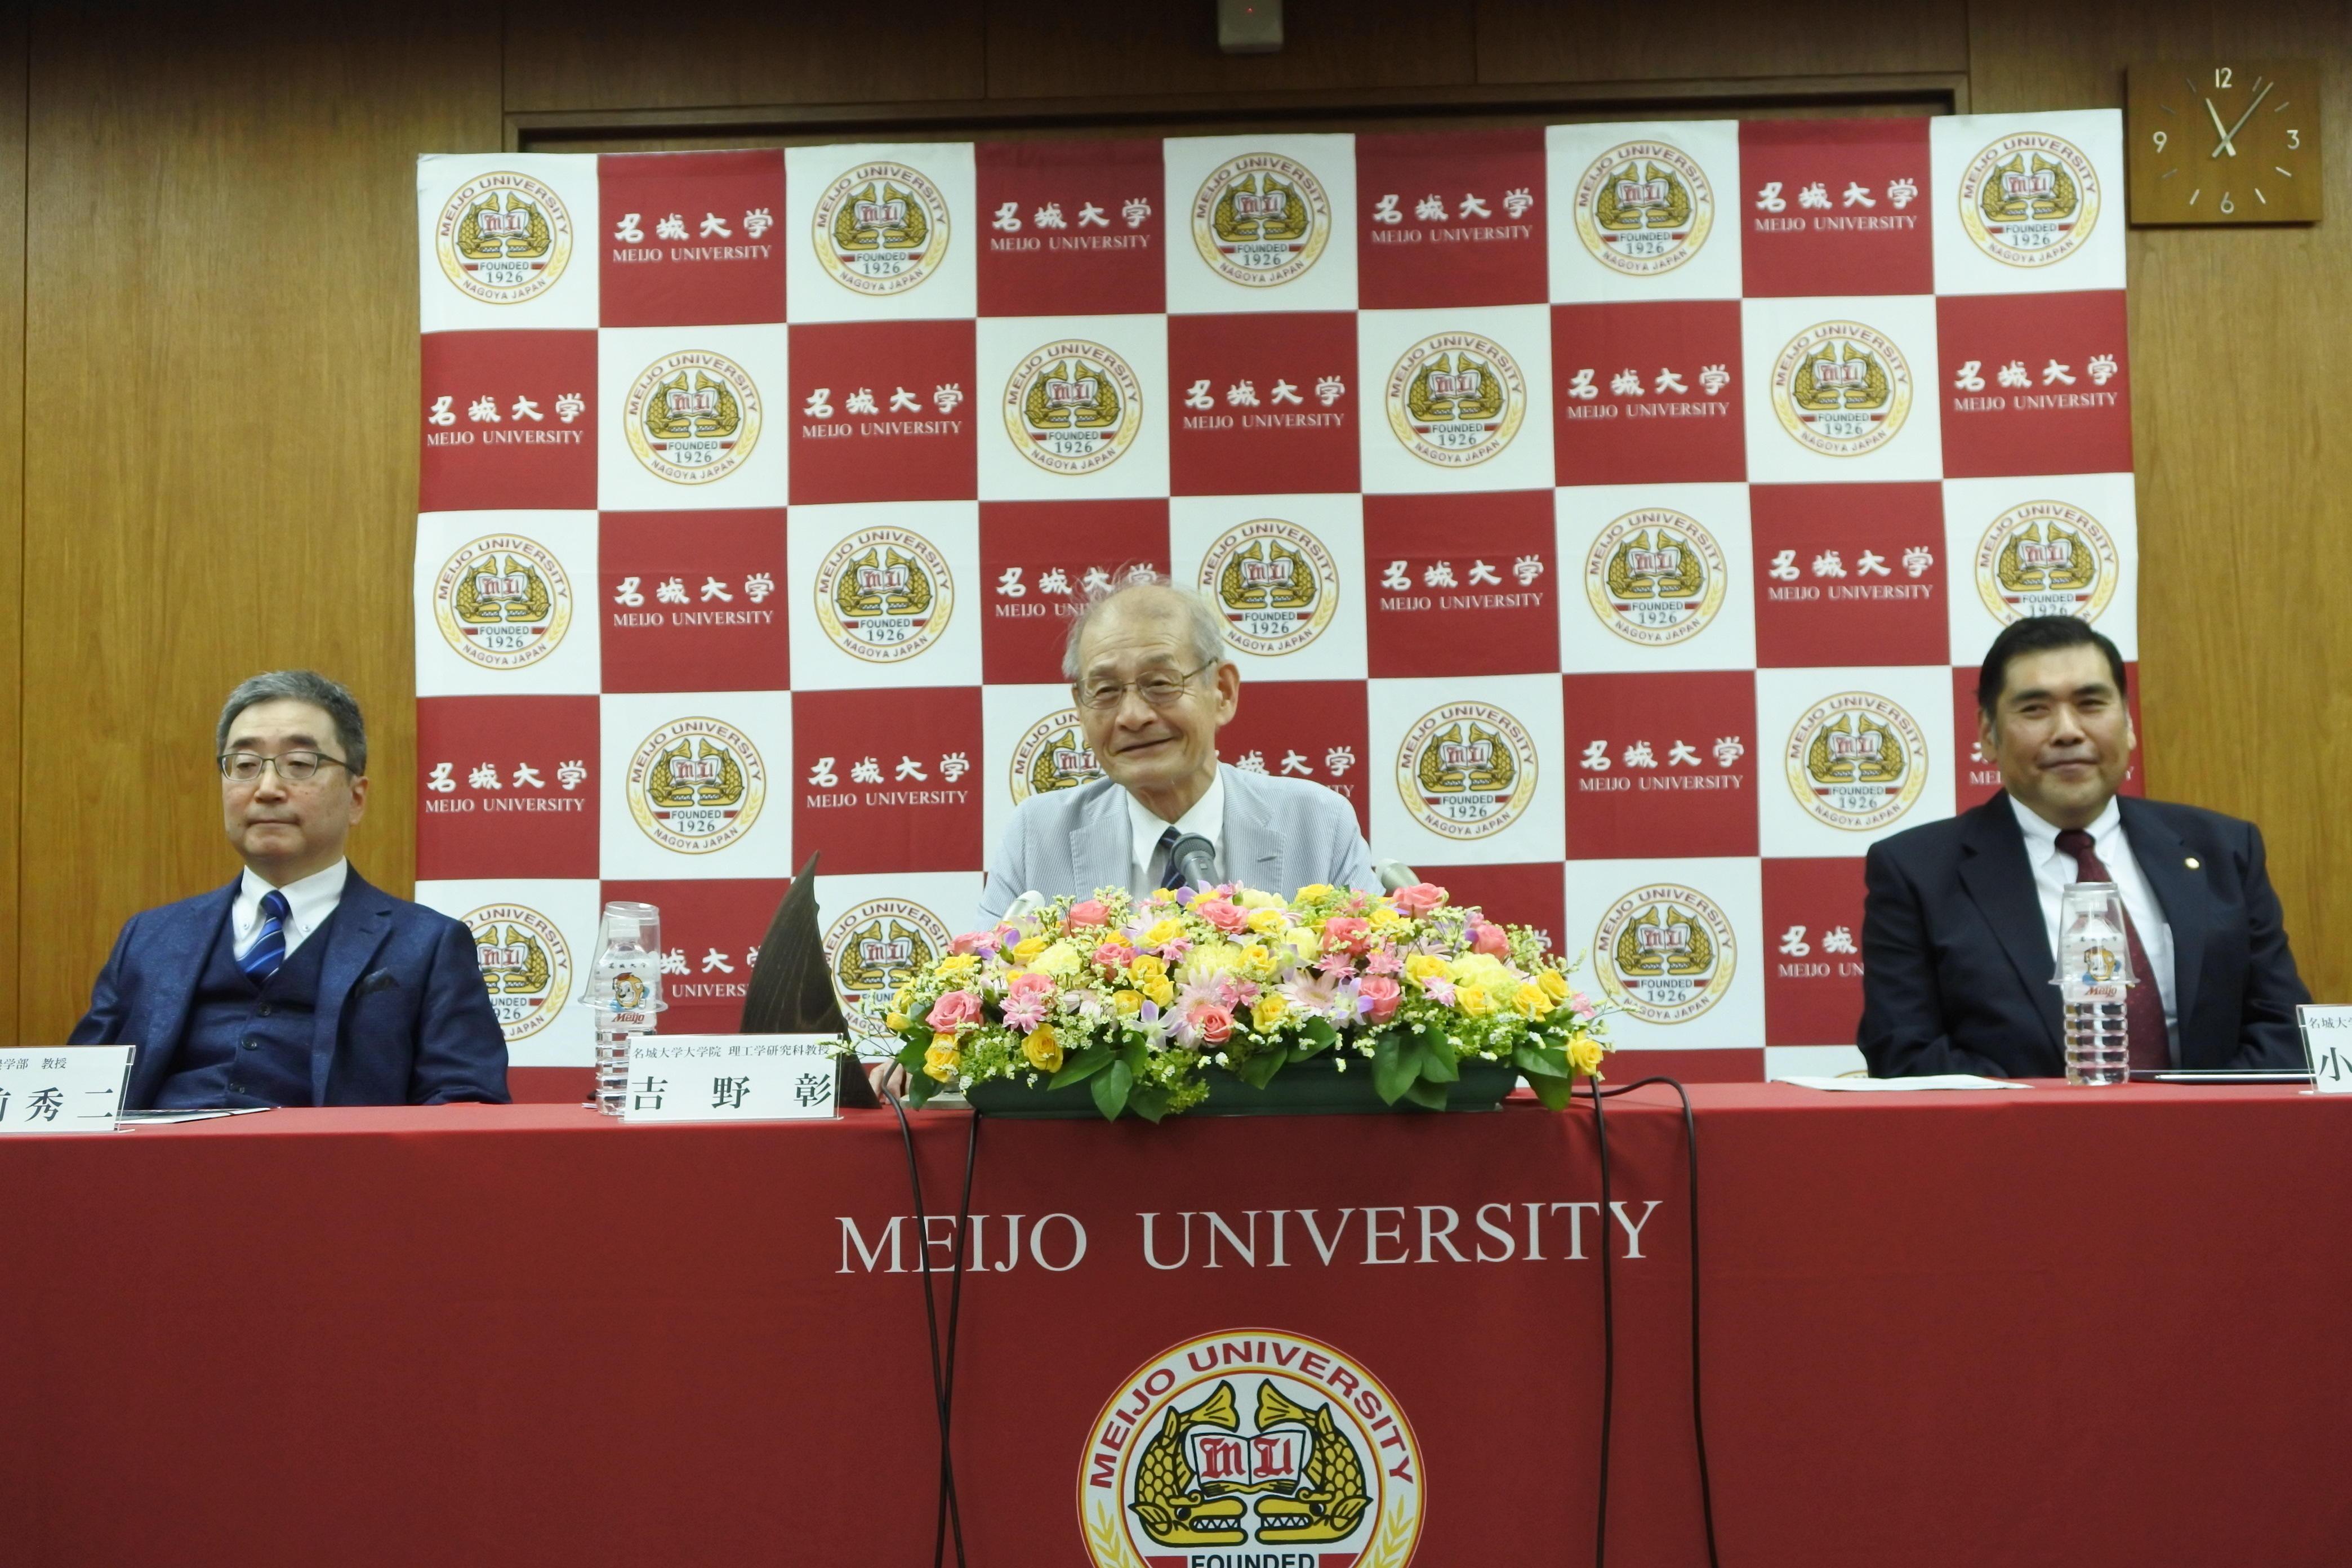 記者会見した吉野彰教授(中)と、同席した小原章裕学長(右)と磯前秀二教授